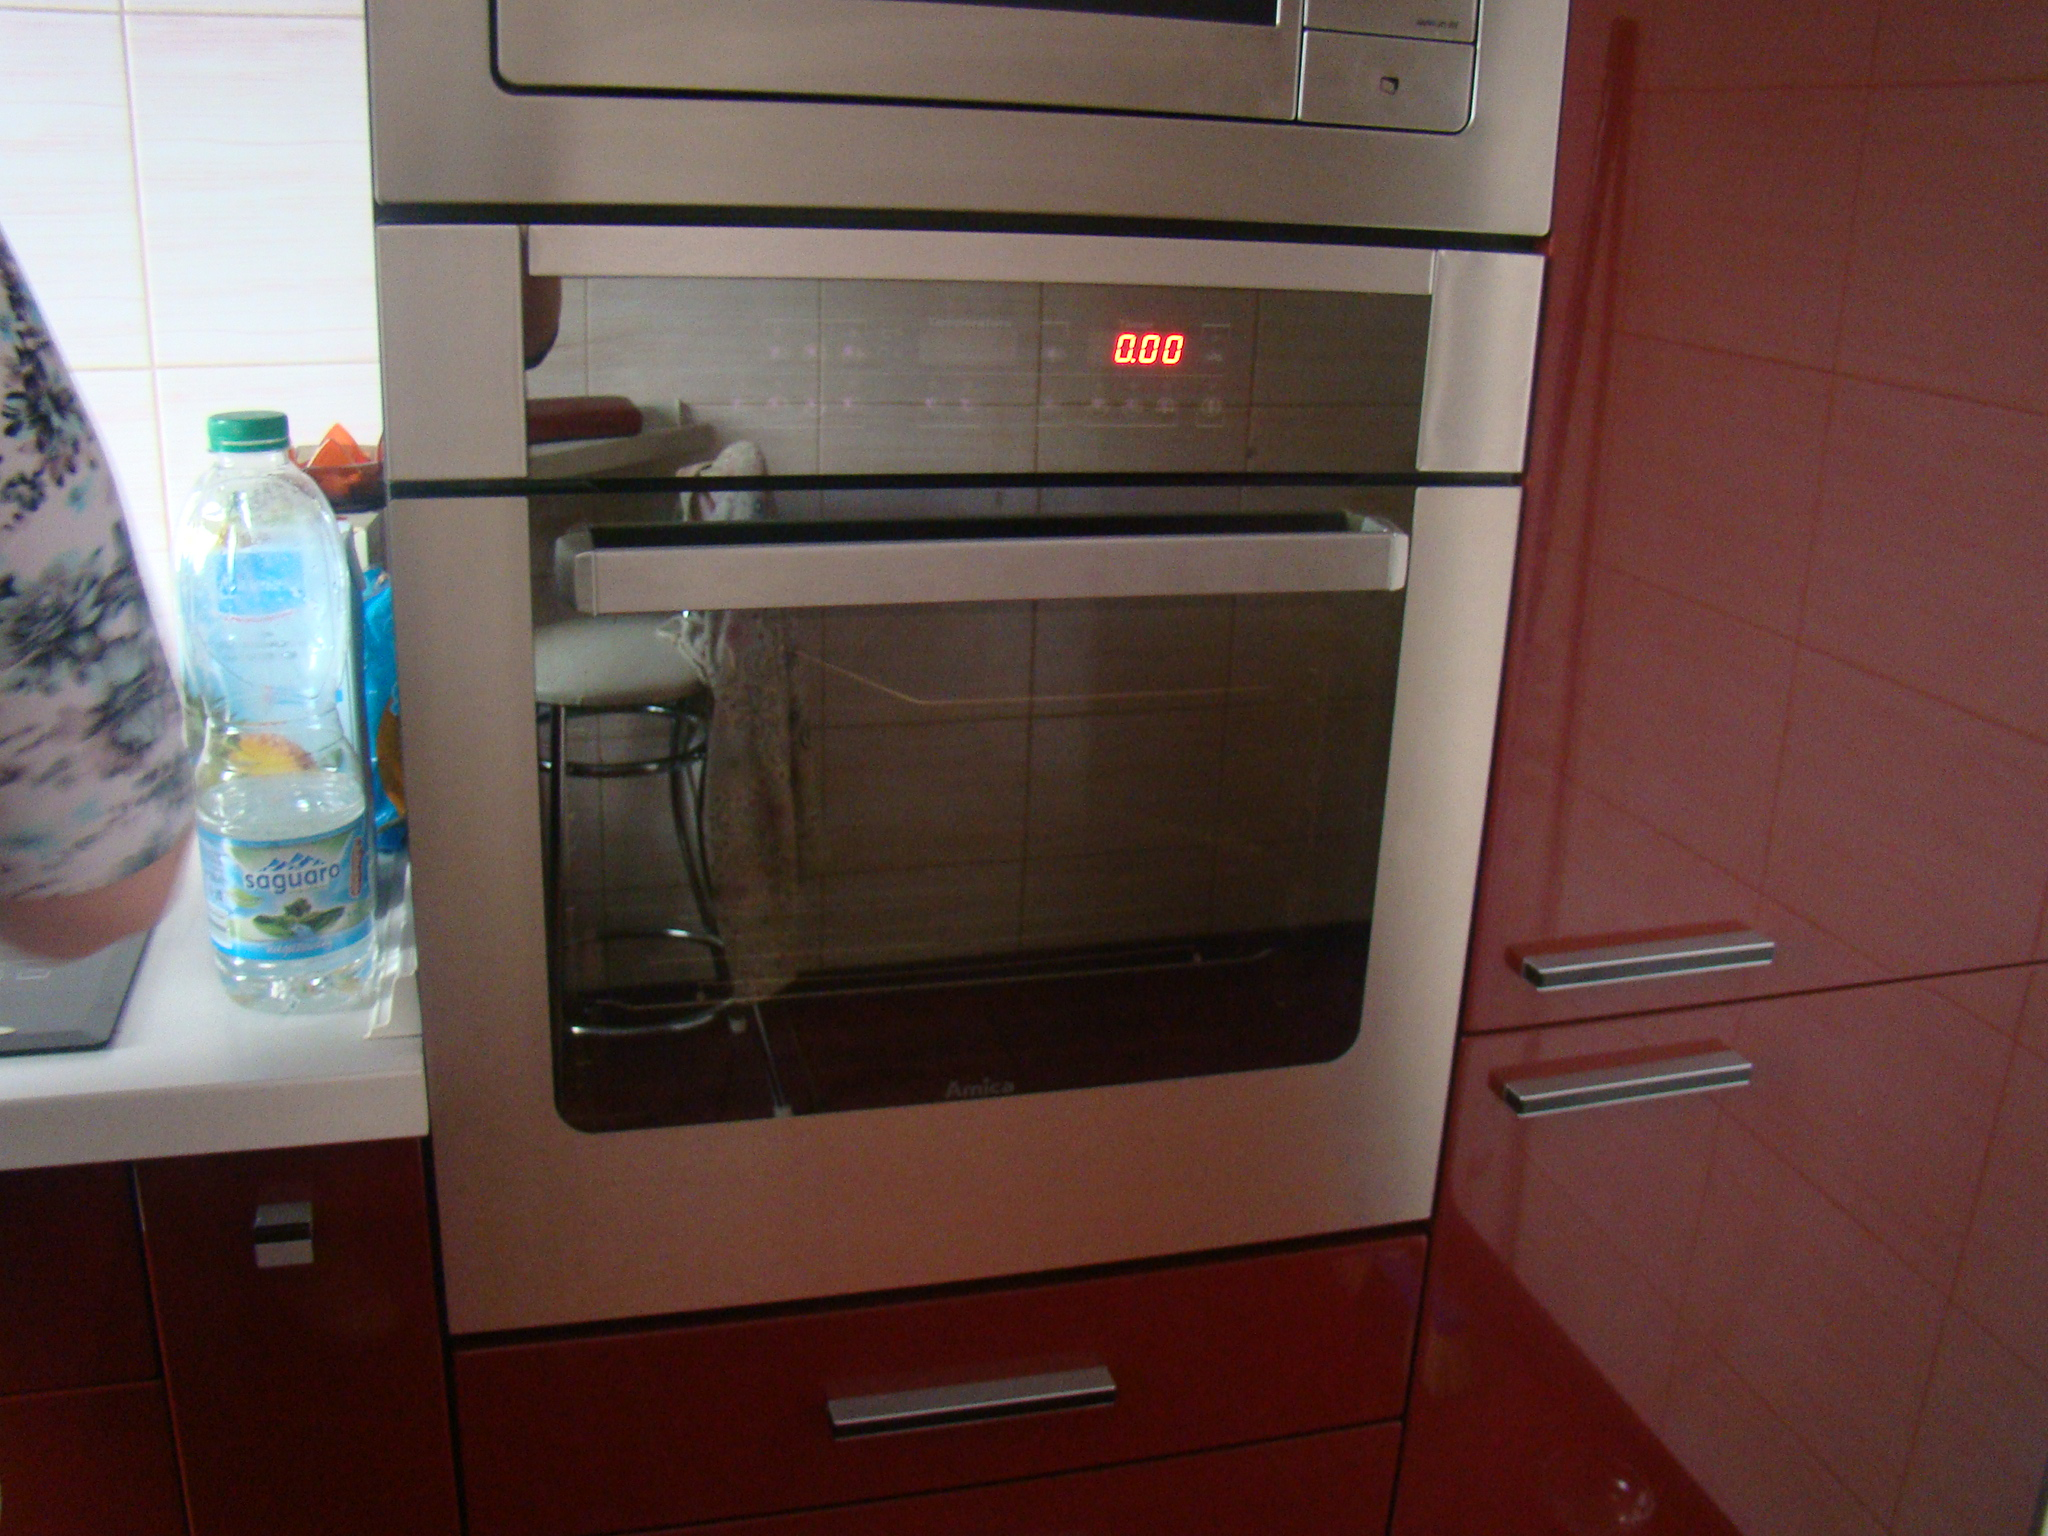 Instrukcja piekarnik amica -> Kuchnia Gazowa Amica Regulacja Plomienia